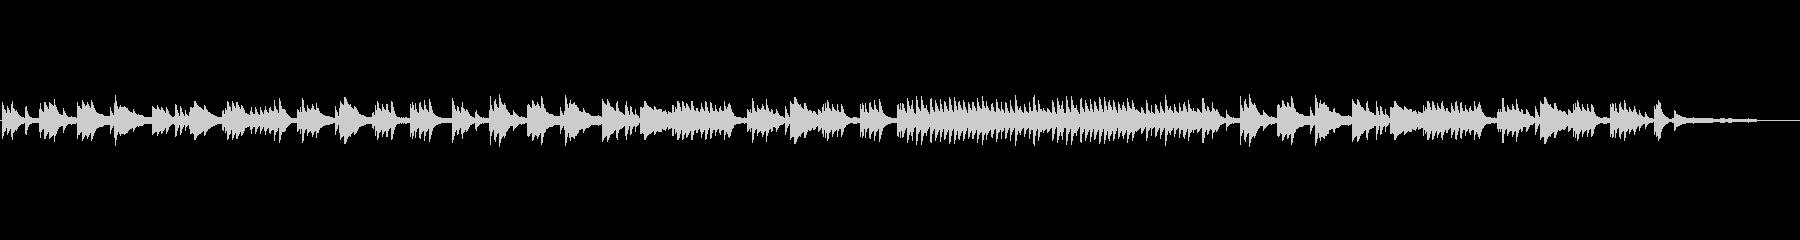 悲しみを感じるピアノ曲(優しい音色)の未再生の波形